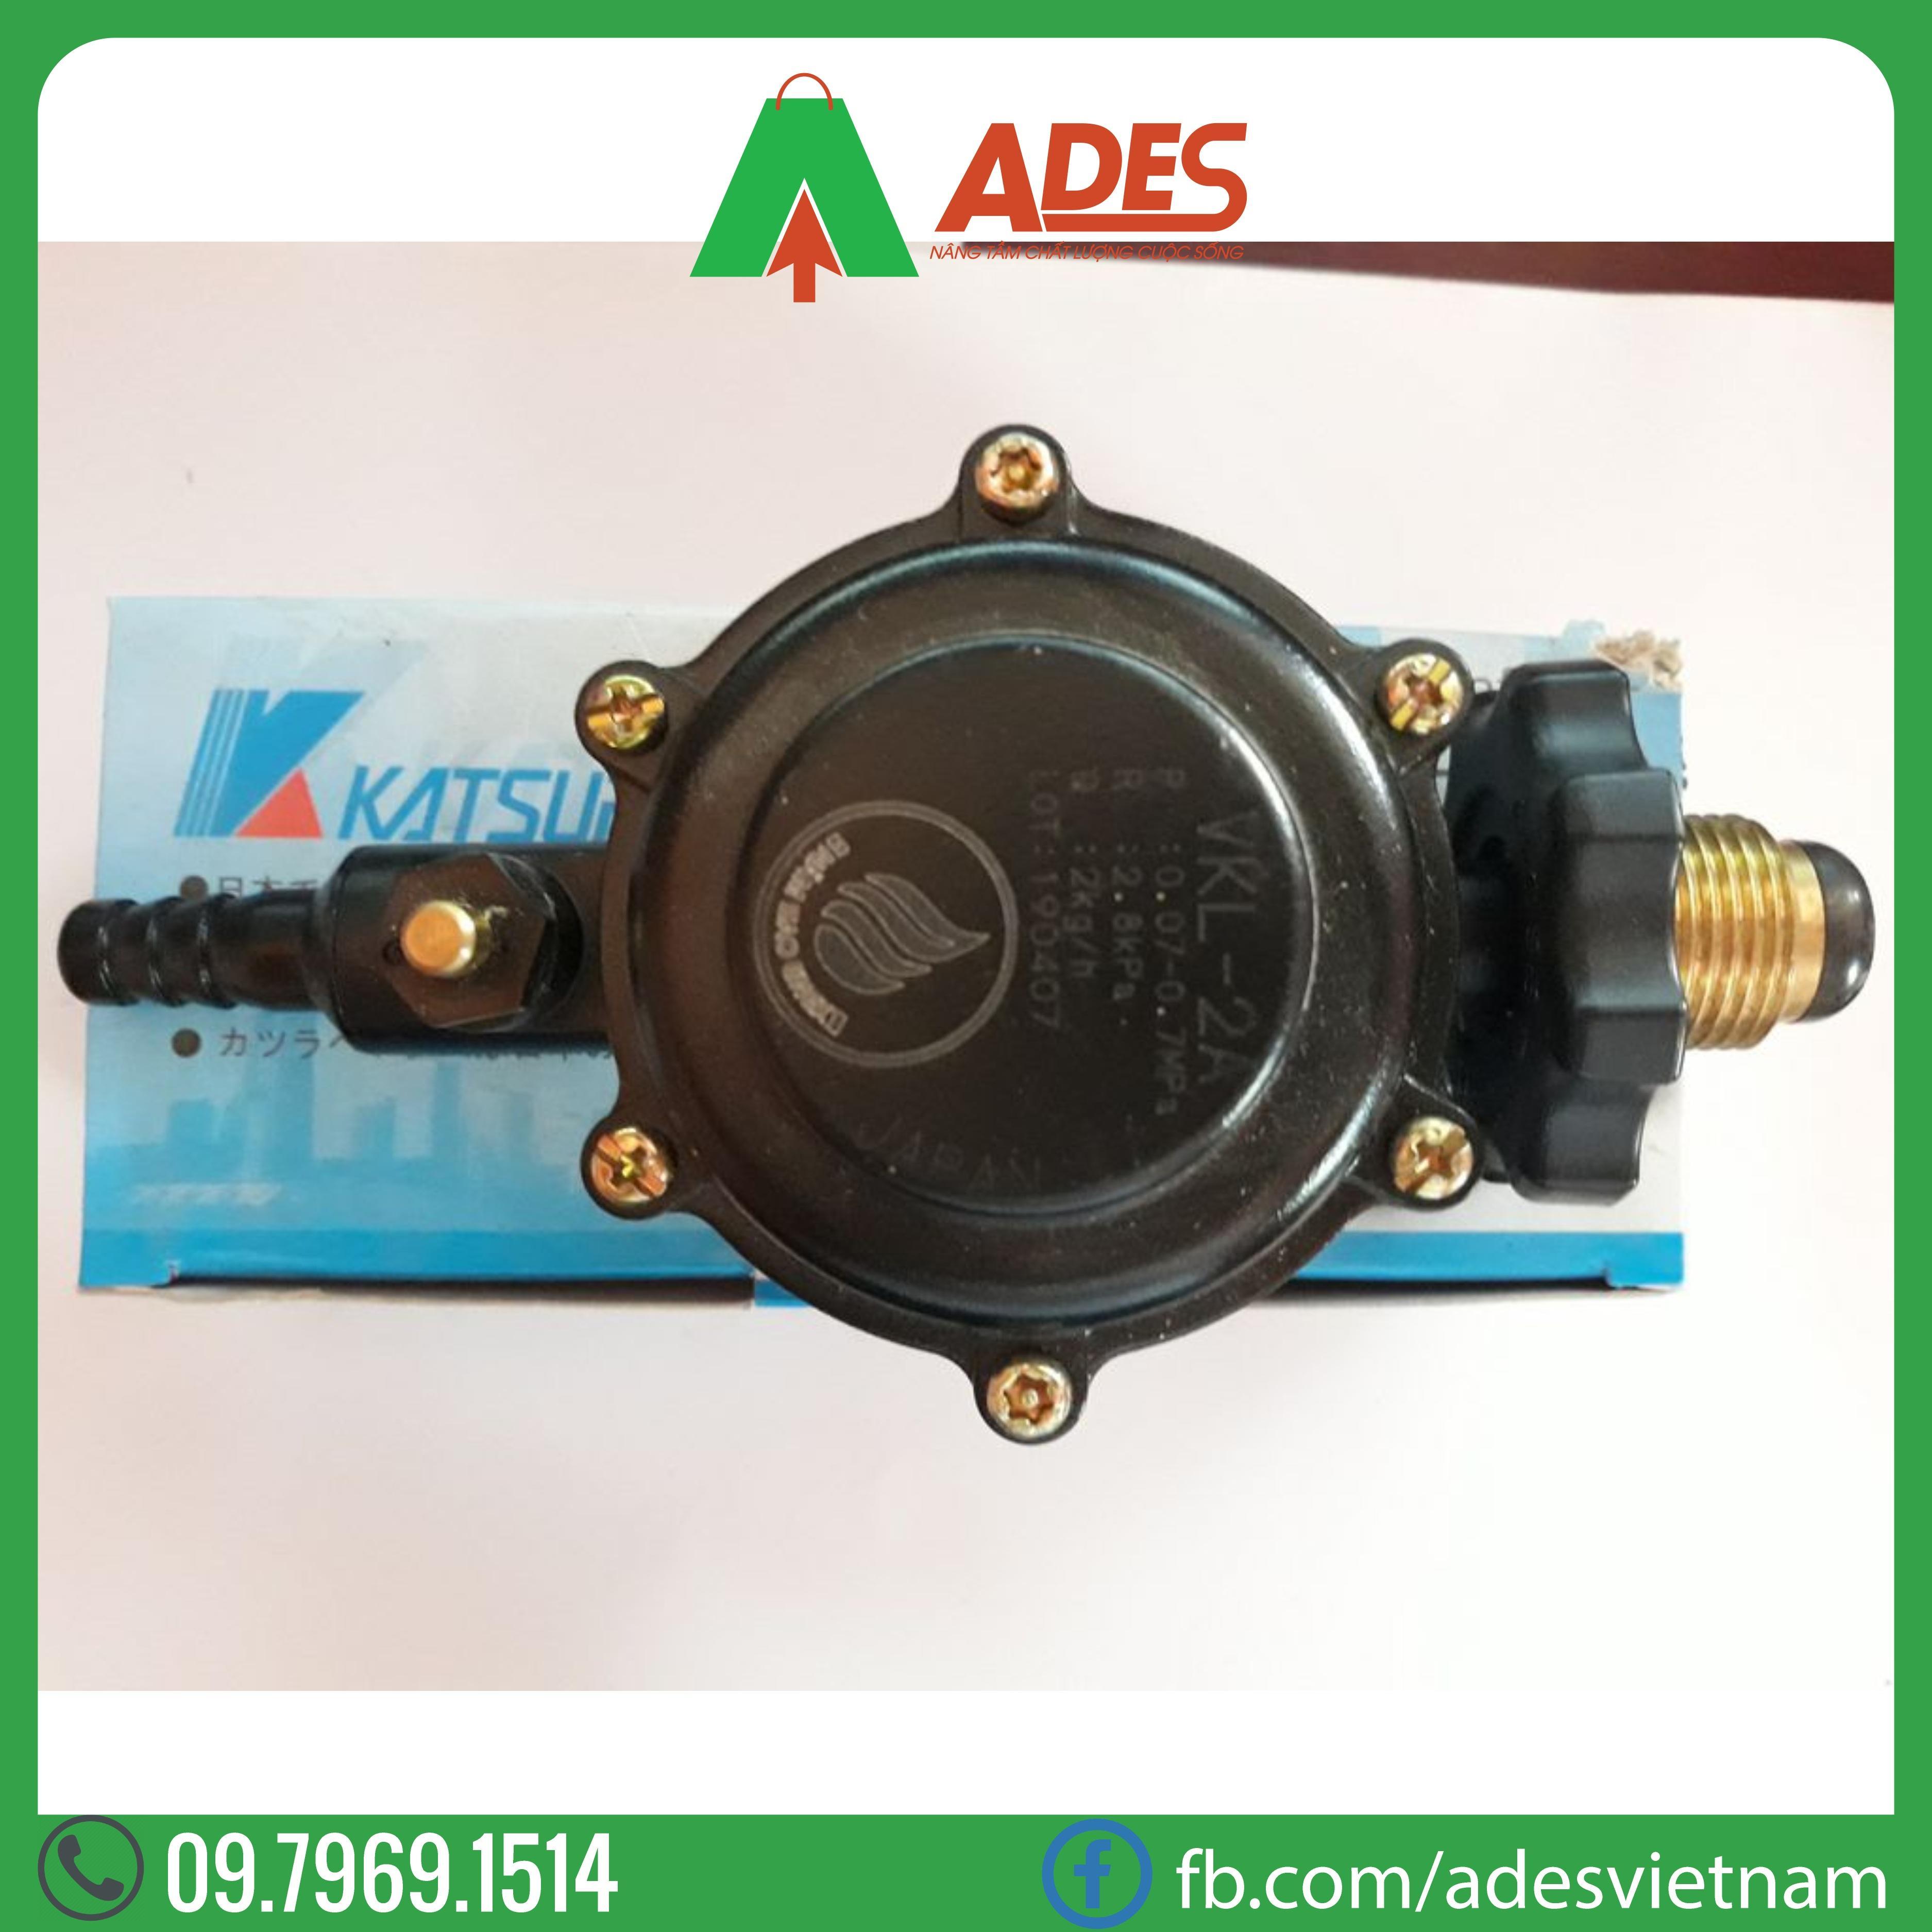 Van Gas Katsura VKL-2